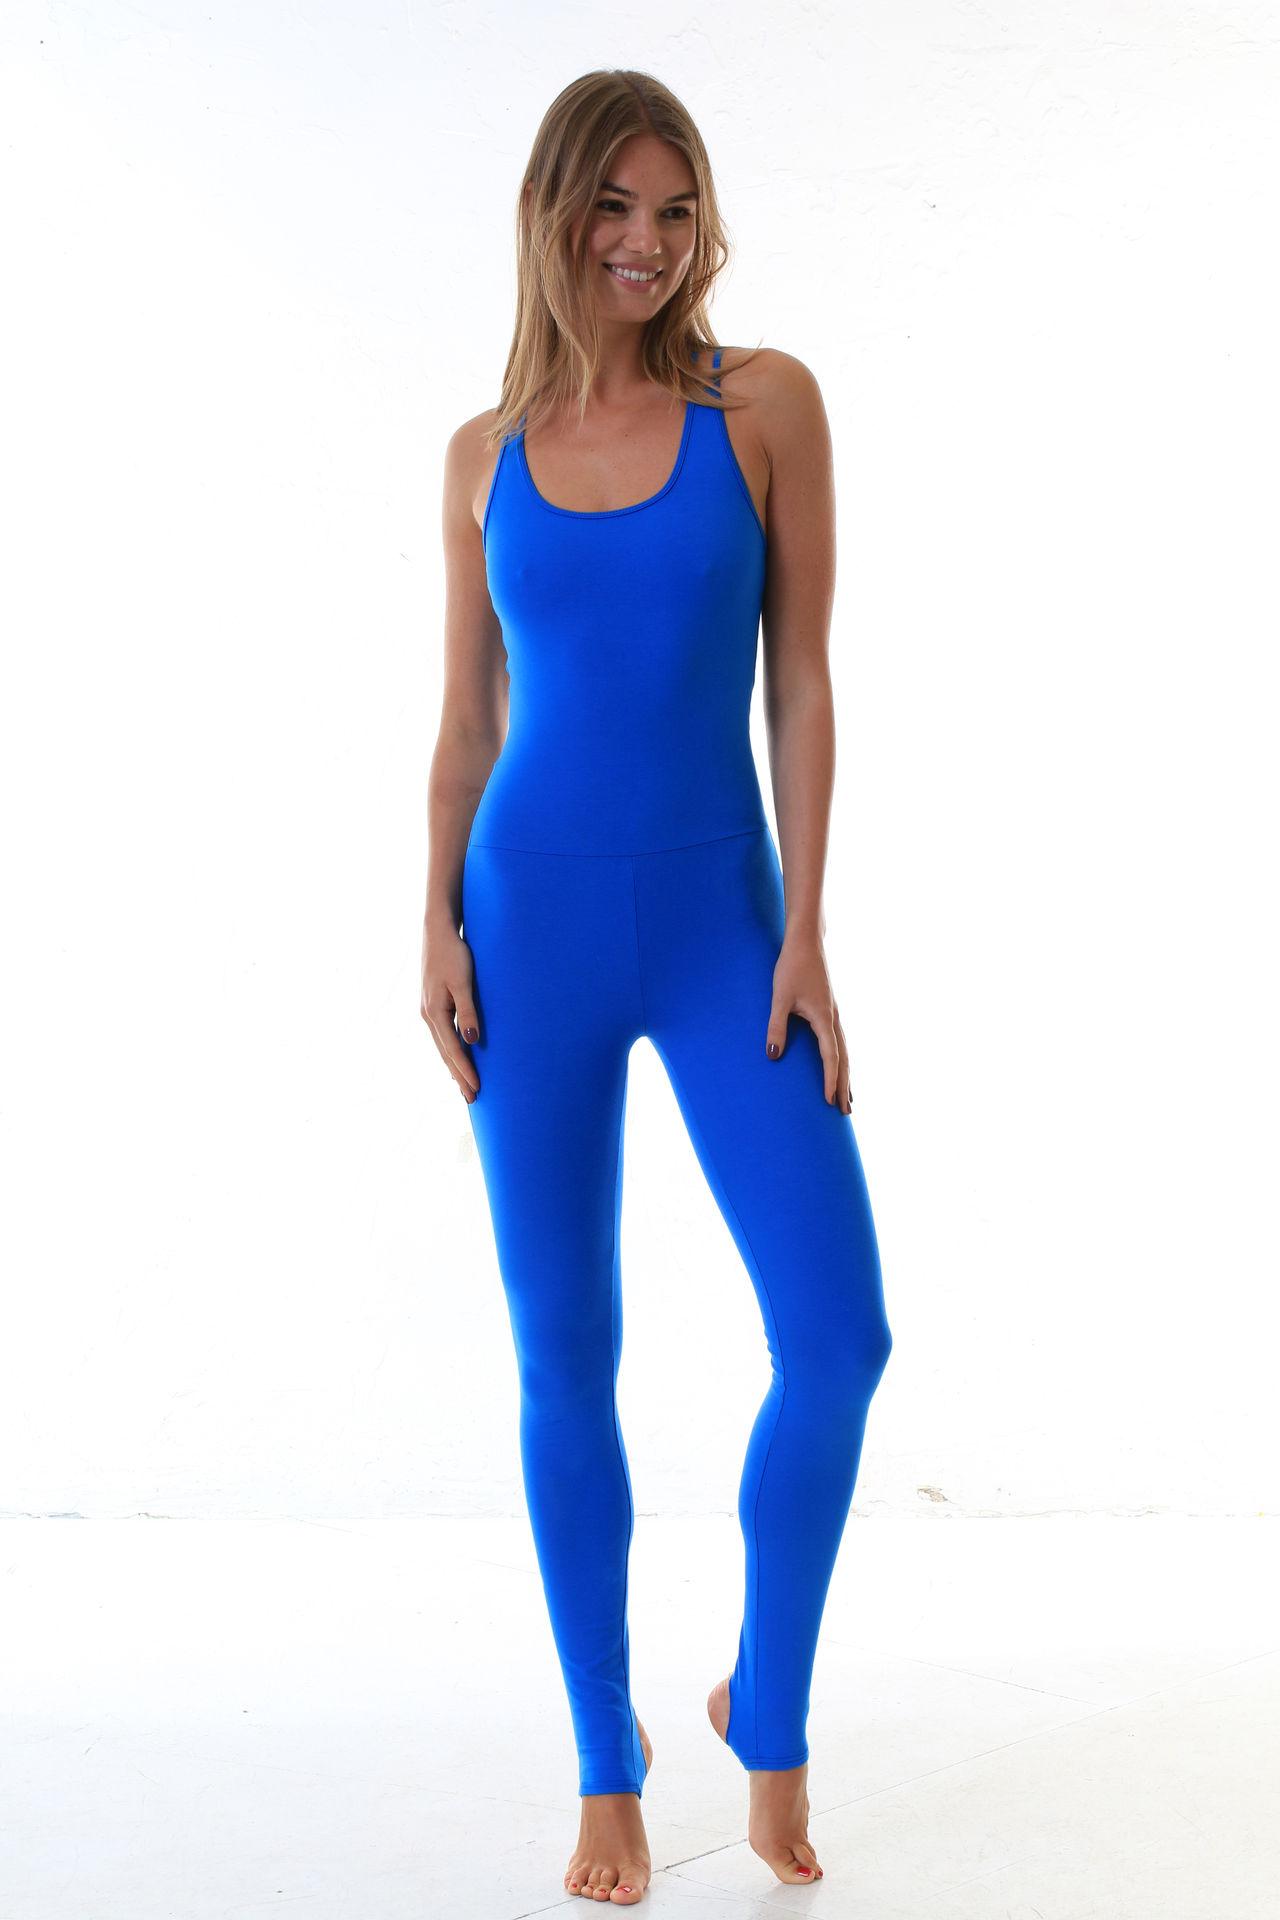 Женская одежда для йоги Украина